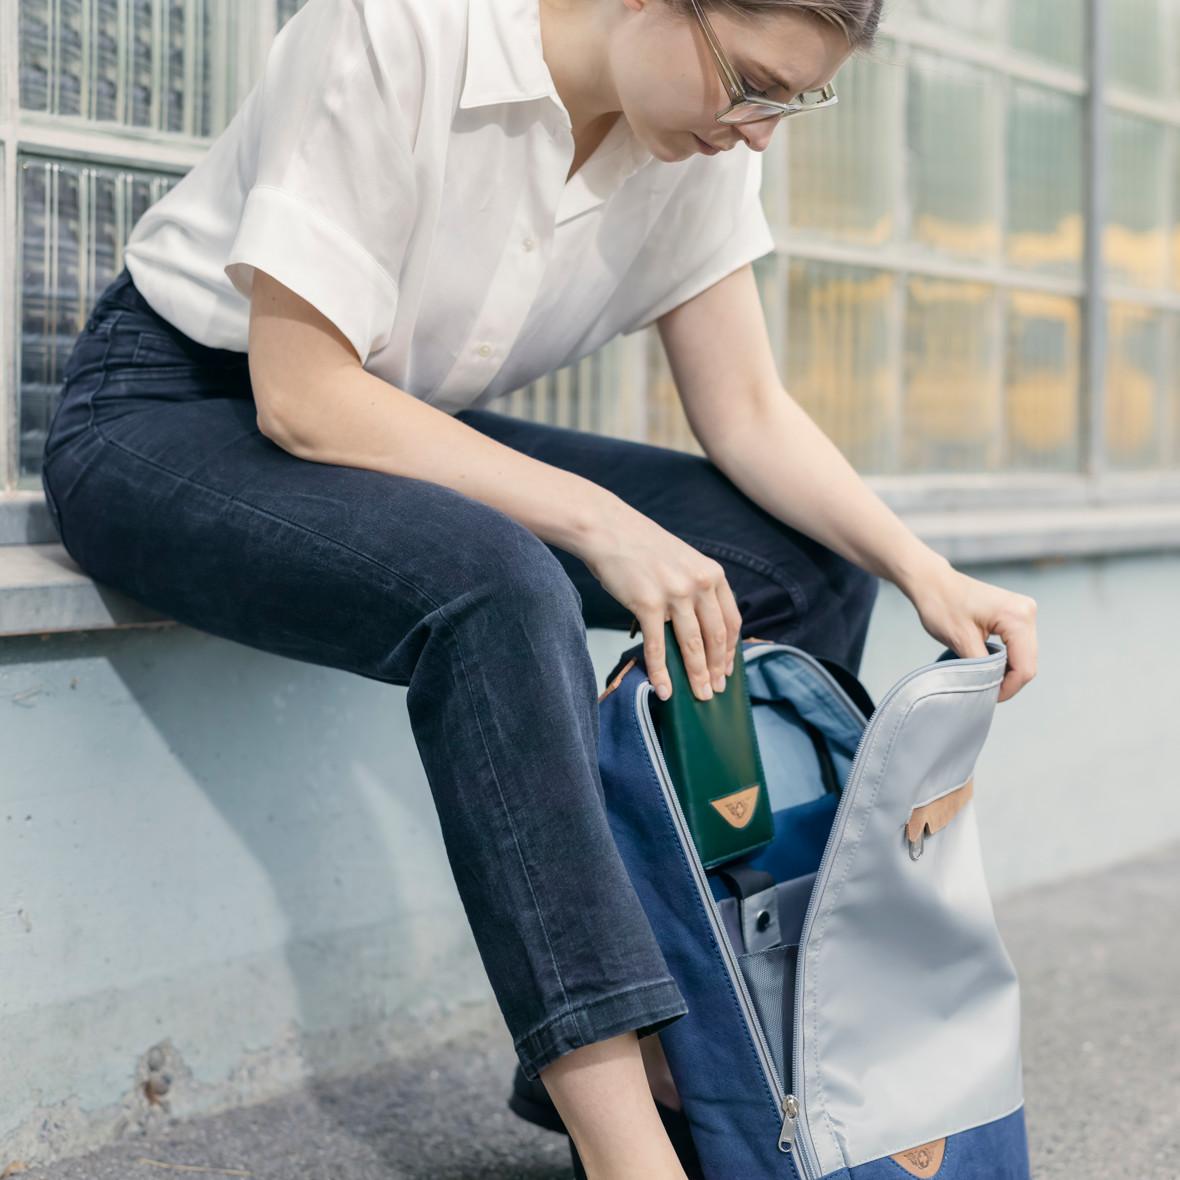 Frau mit Rucksack der Collection Bundesordner, Marke Biella